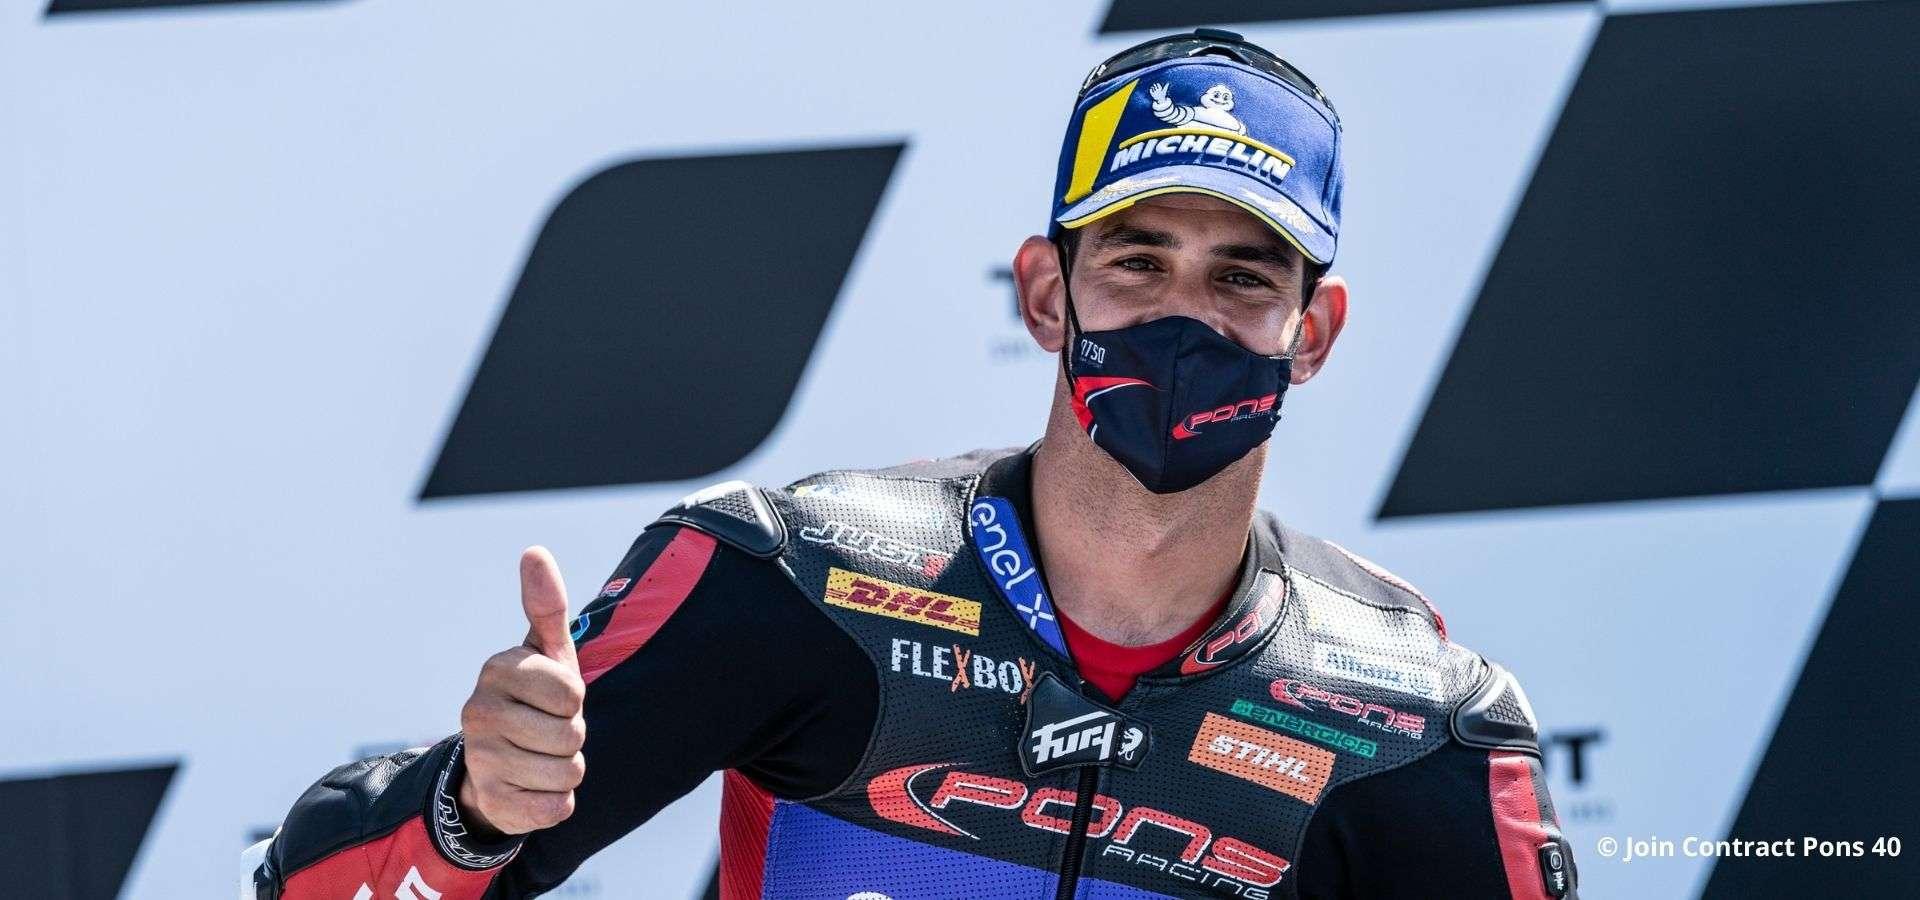 GP dell'Emilia Romagna: Torres di nuovo a podio